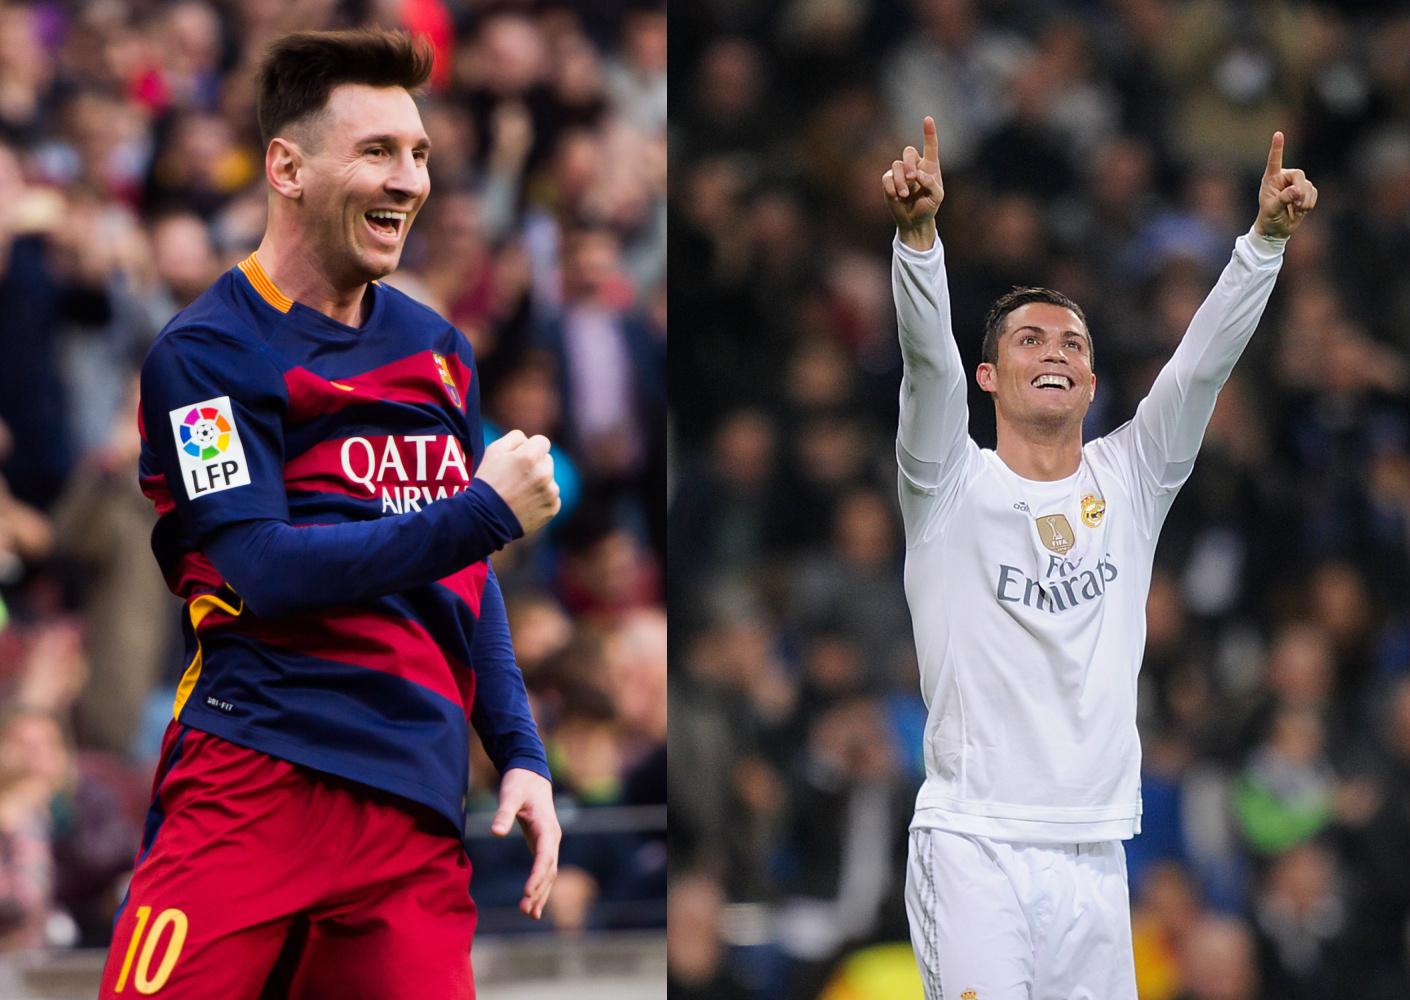 Messi Vs. Ronaldo 2015-16 Ballon D'or: Ronaldo Scores Big